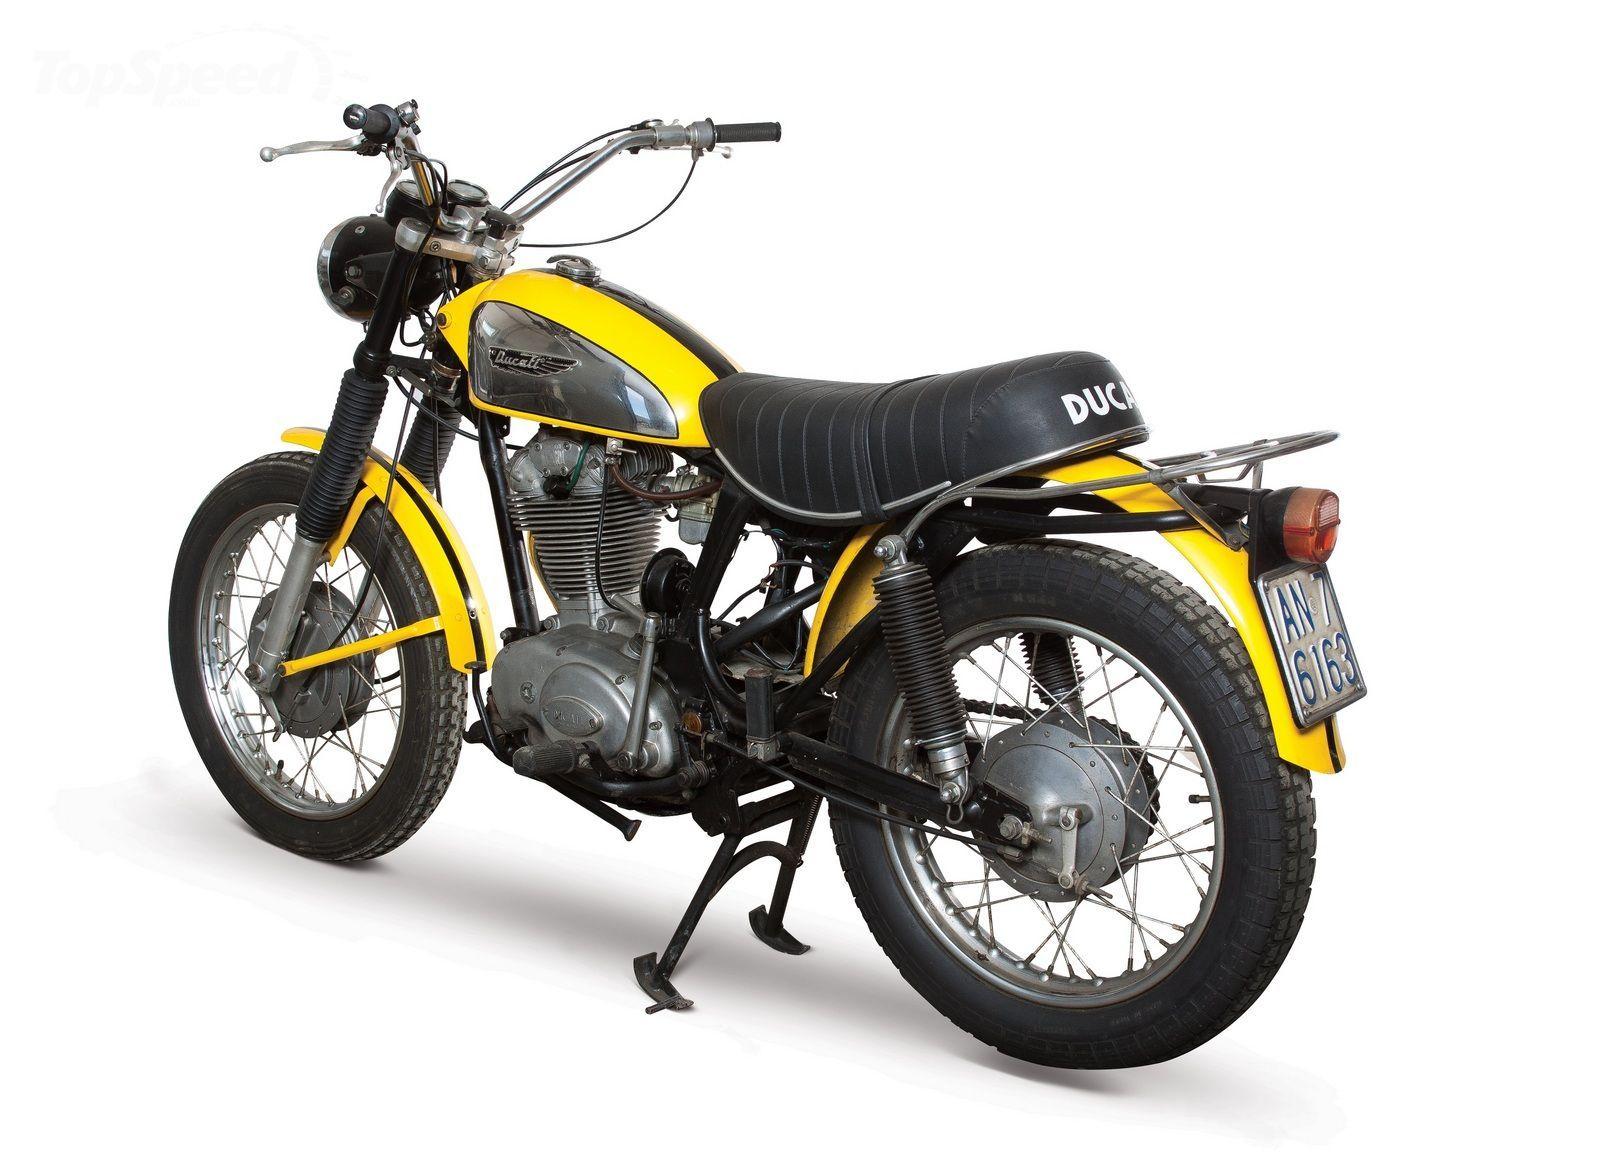 Ducati Scrambler 450 (1973)